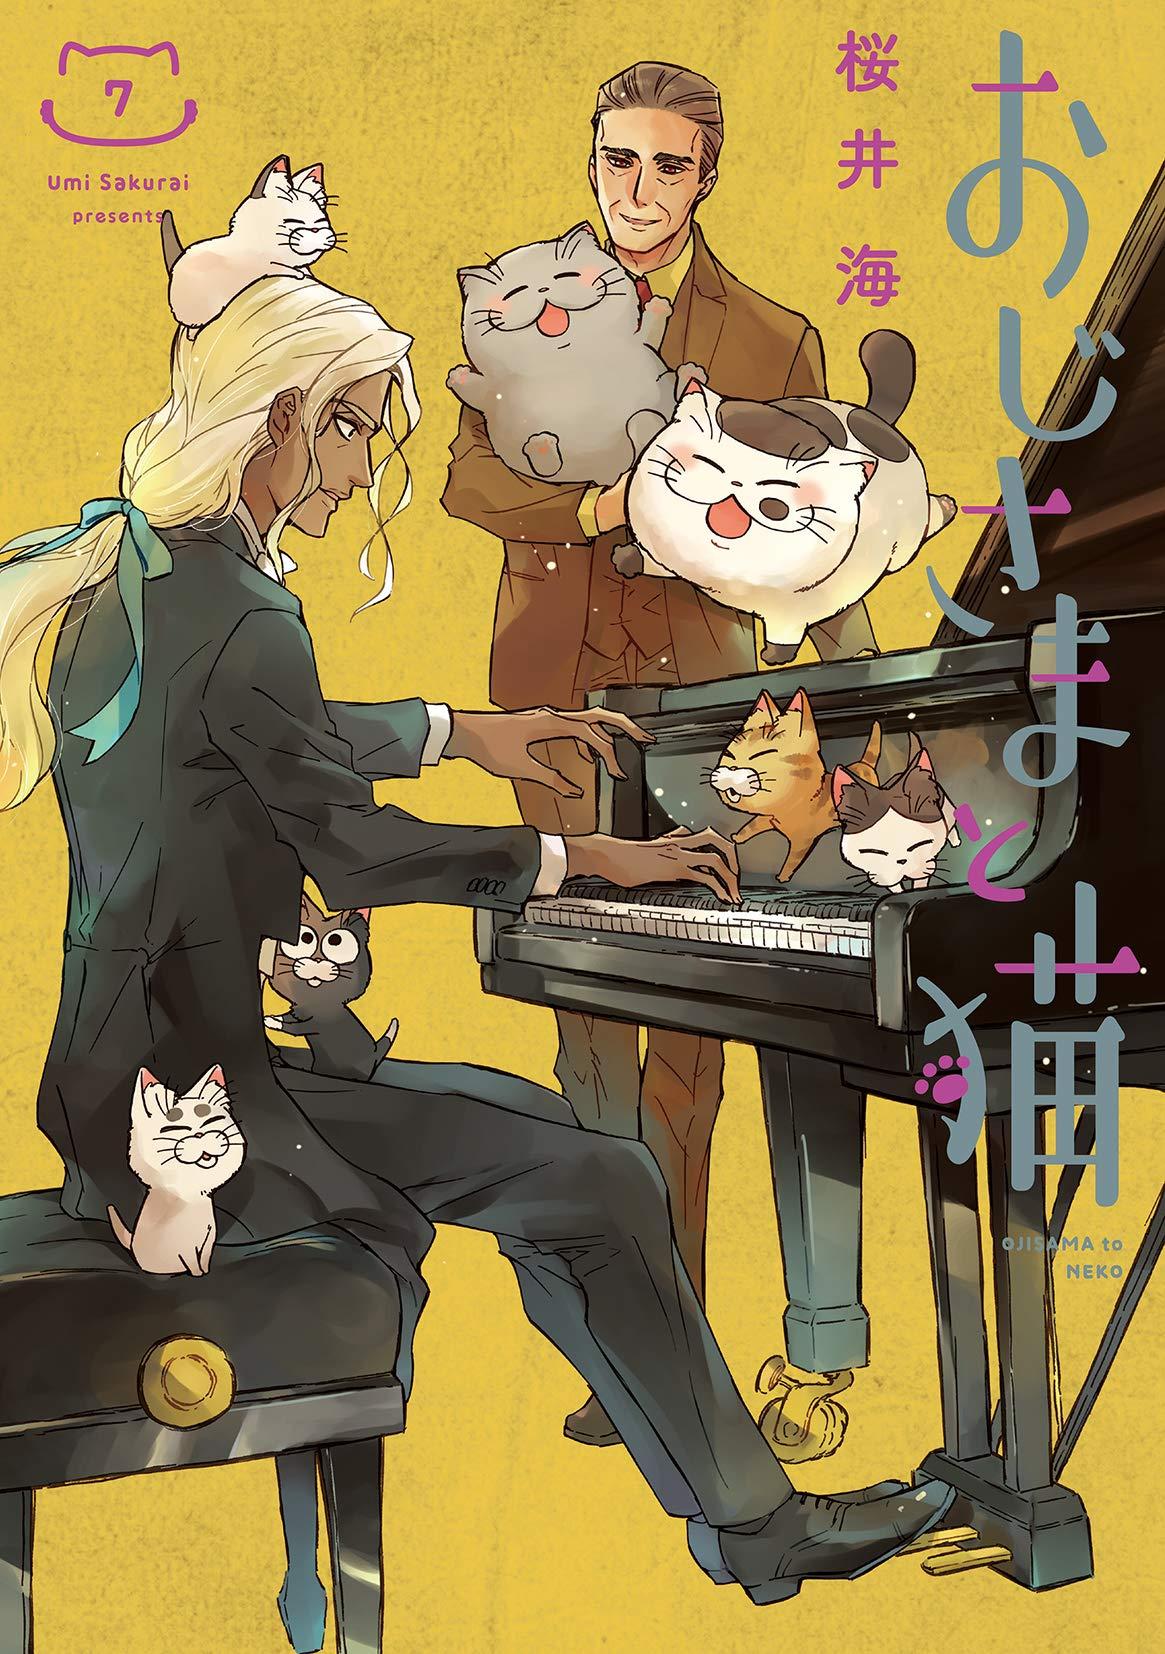 桜井海「おじさまと猫」最新刊 第7巻 2021年3月22日発売! 特装版も!